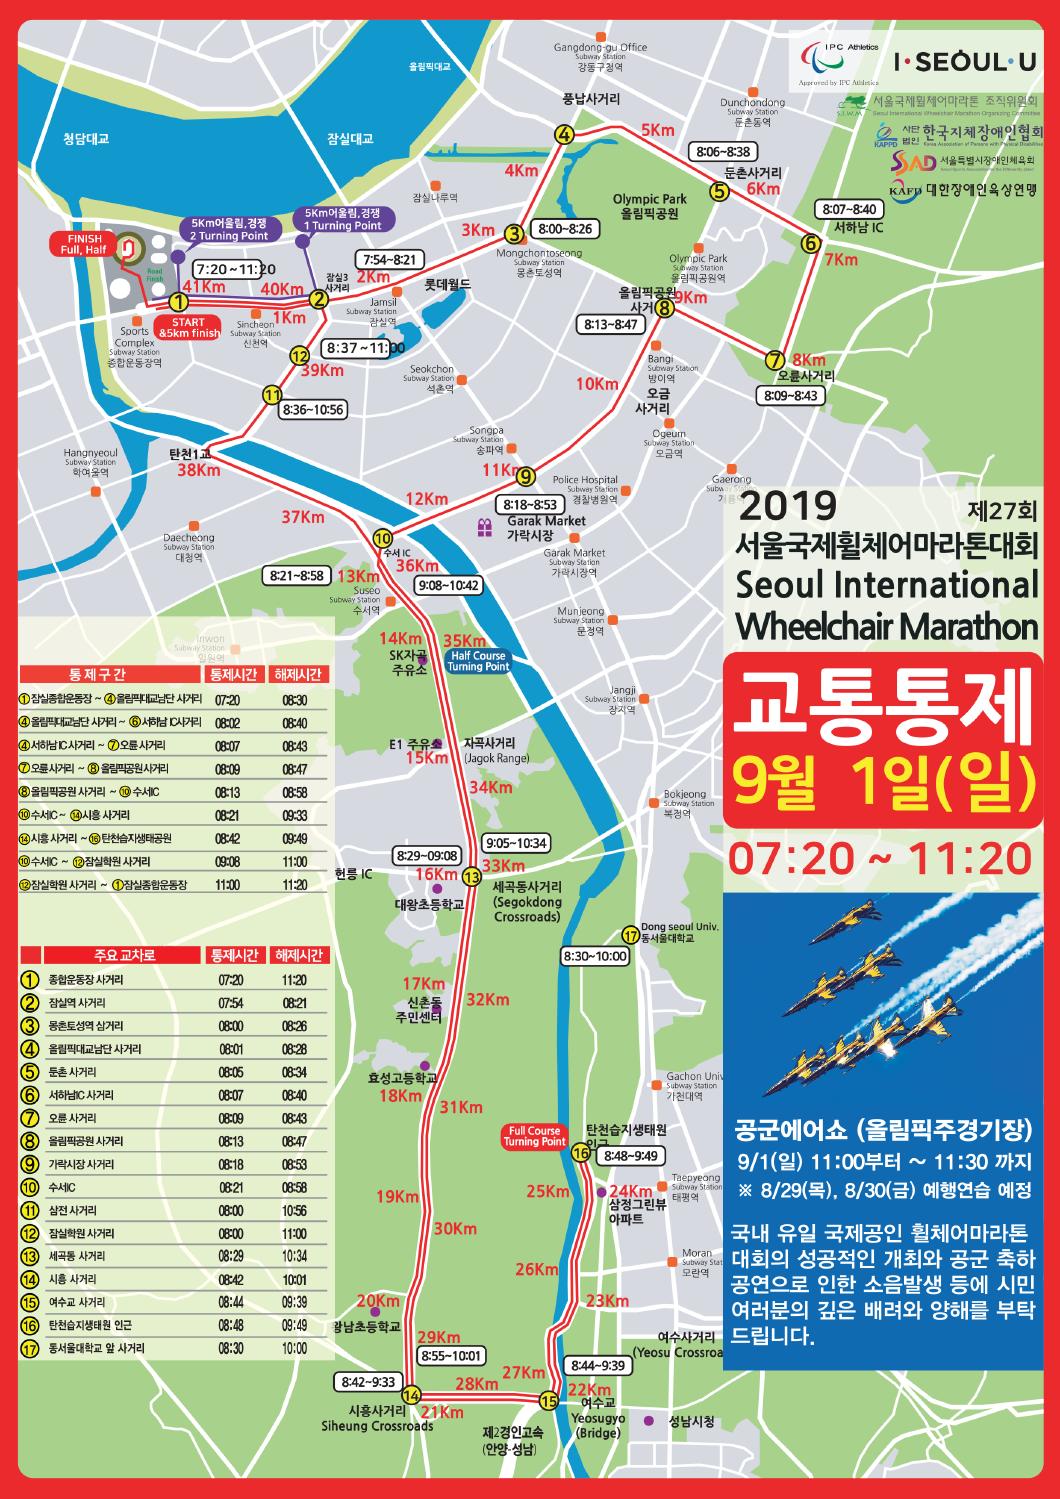 서울국제휠체어마라톤대회에 따른 교통통제안내 지도